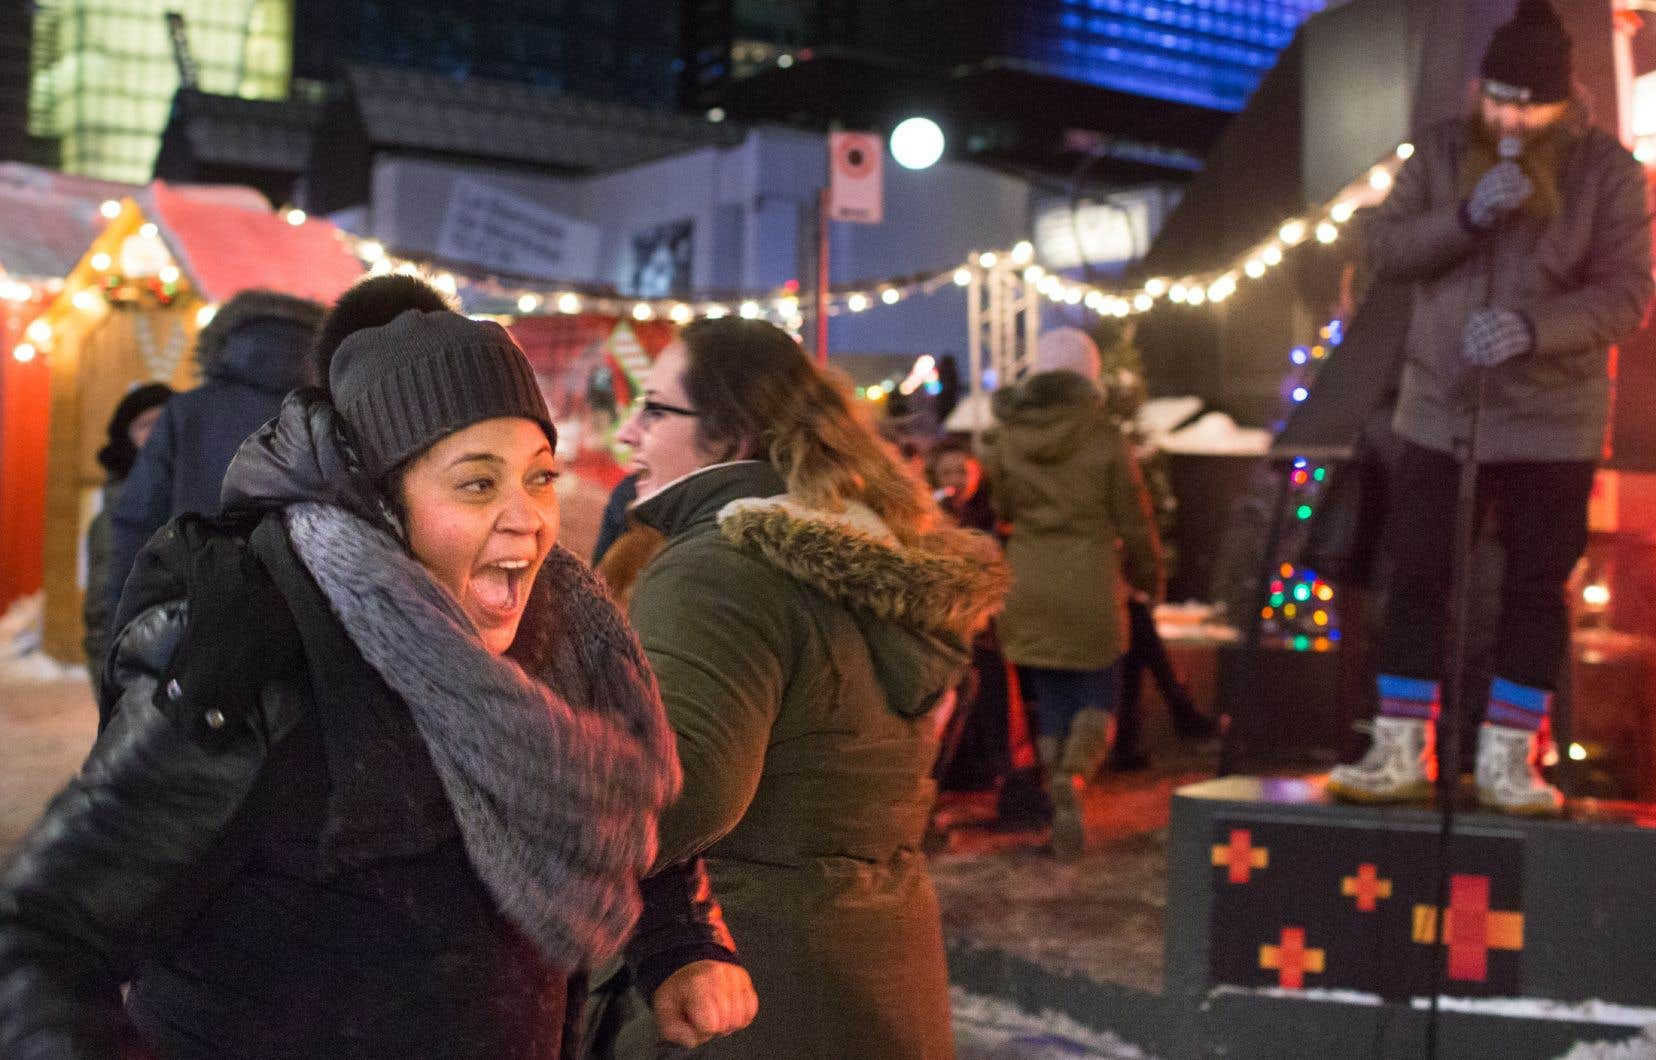 Danse folklorique au Grand marché de Noël à la Place des Arts à Montréal.